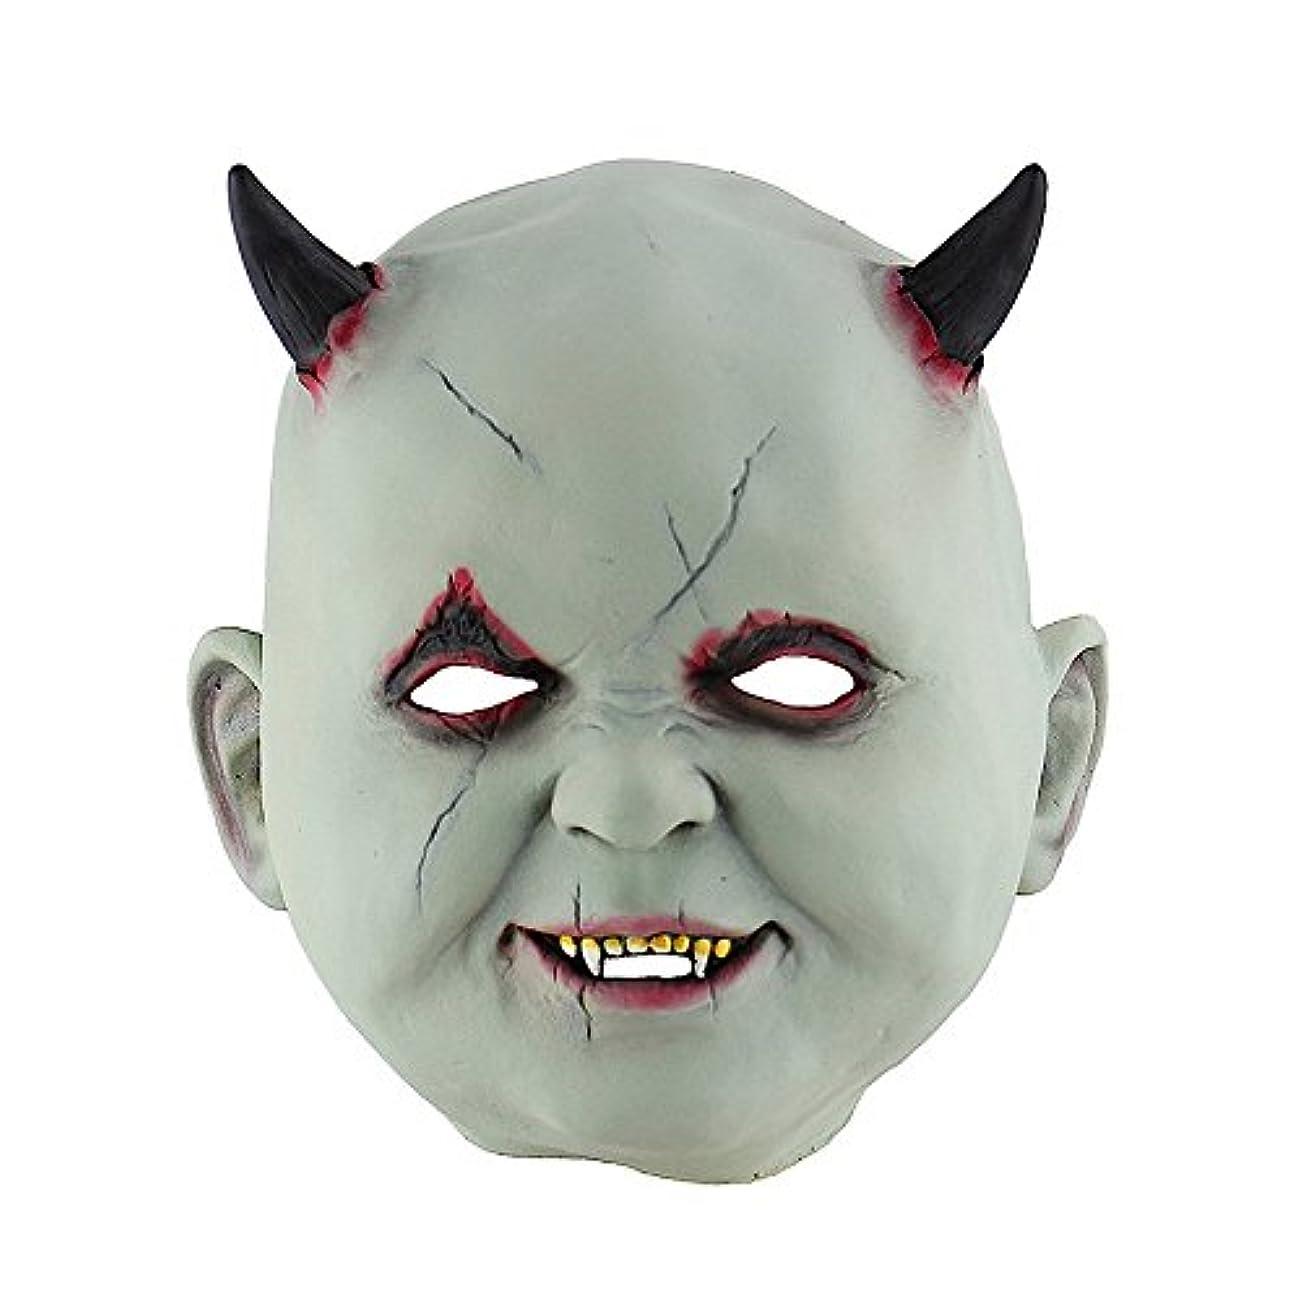 等しいもろいビタミンハロウィンマスクホラーゾンビお化け屋敷は小道具のヘッドギア悪魔ヴァンパイアマスクをドレスアップ